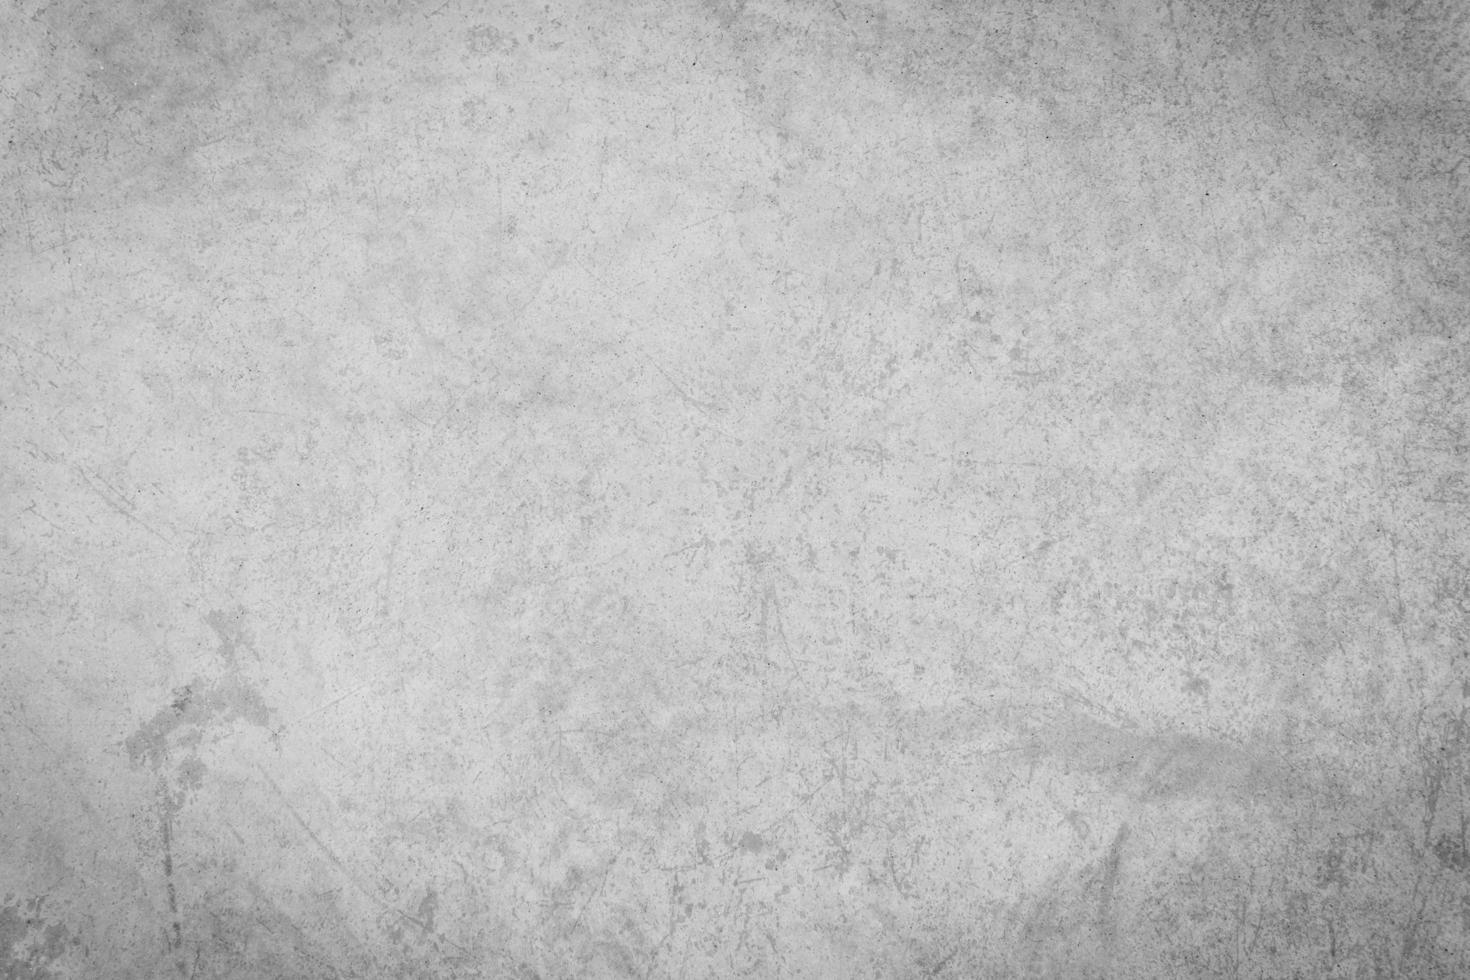 vista dall'alto di una superficie di cemento grigio foto